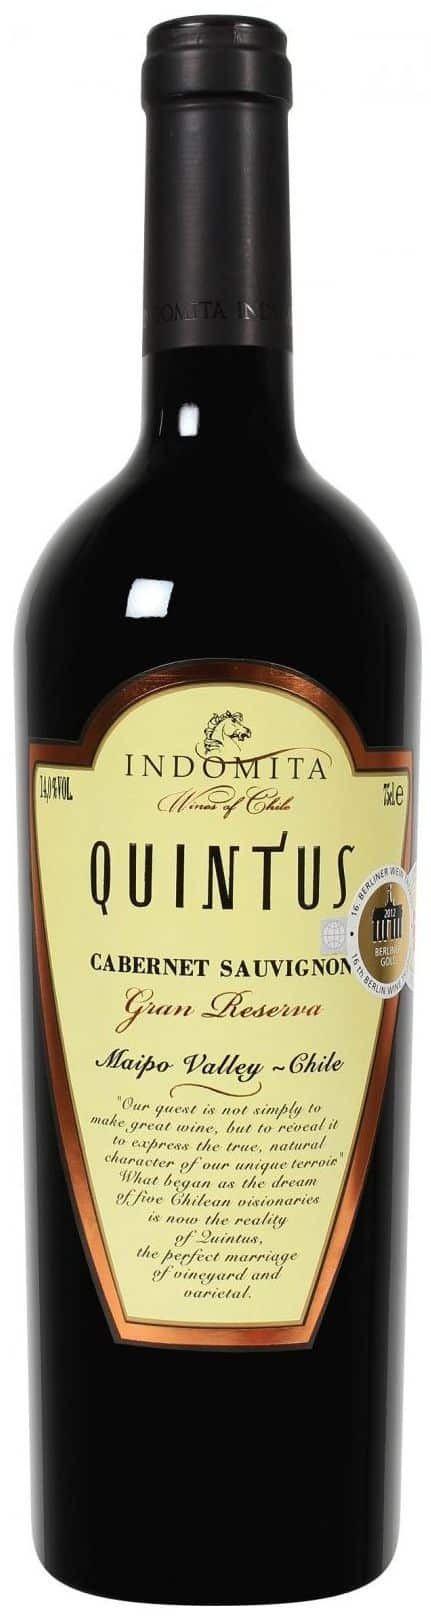 QUINTUS GRAN RESERVA CABERNET SAUVIGNON 2015